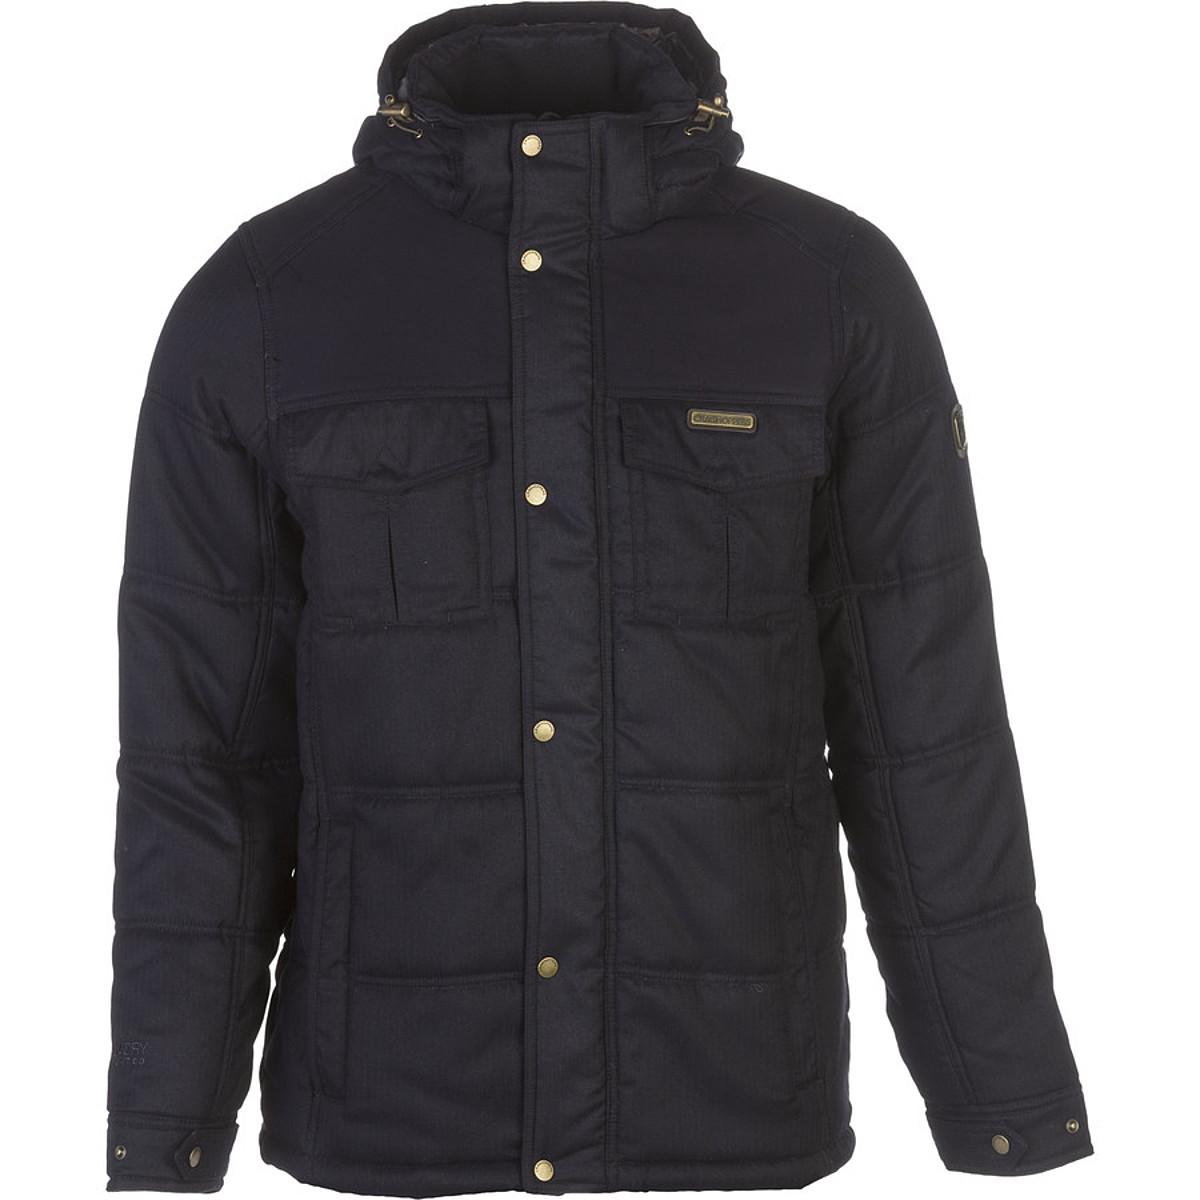 Craghoppers Cleveland Jacket